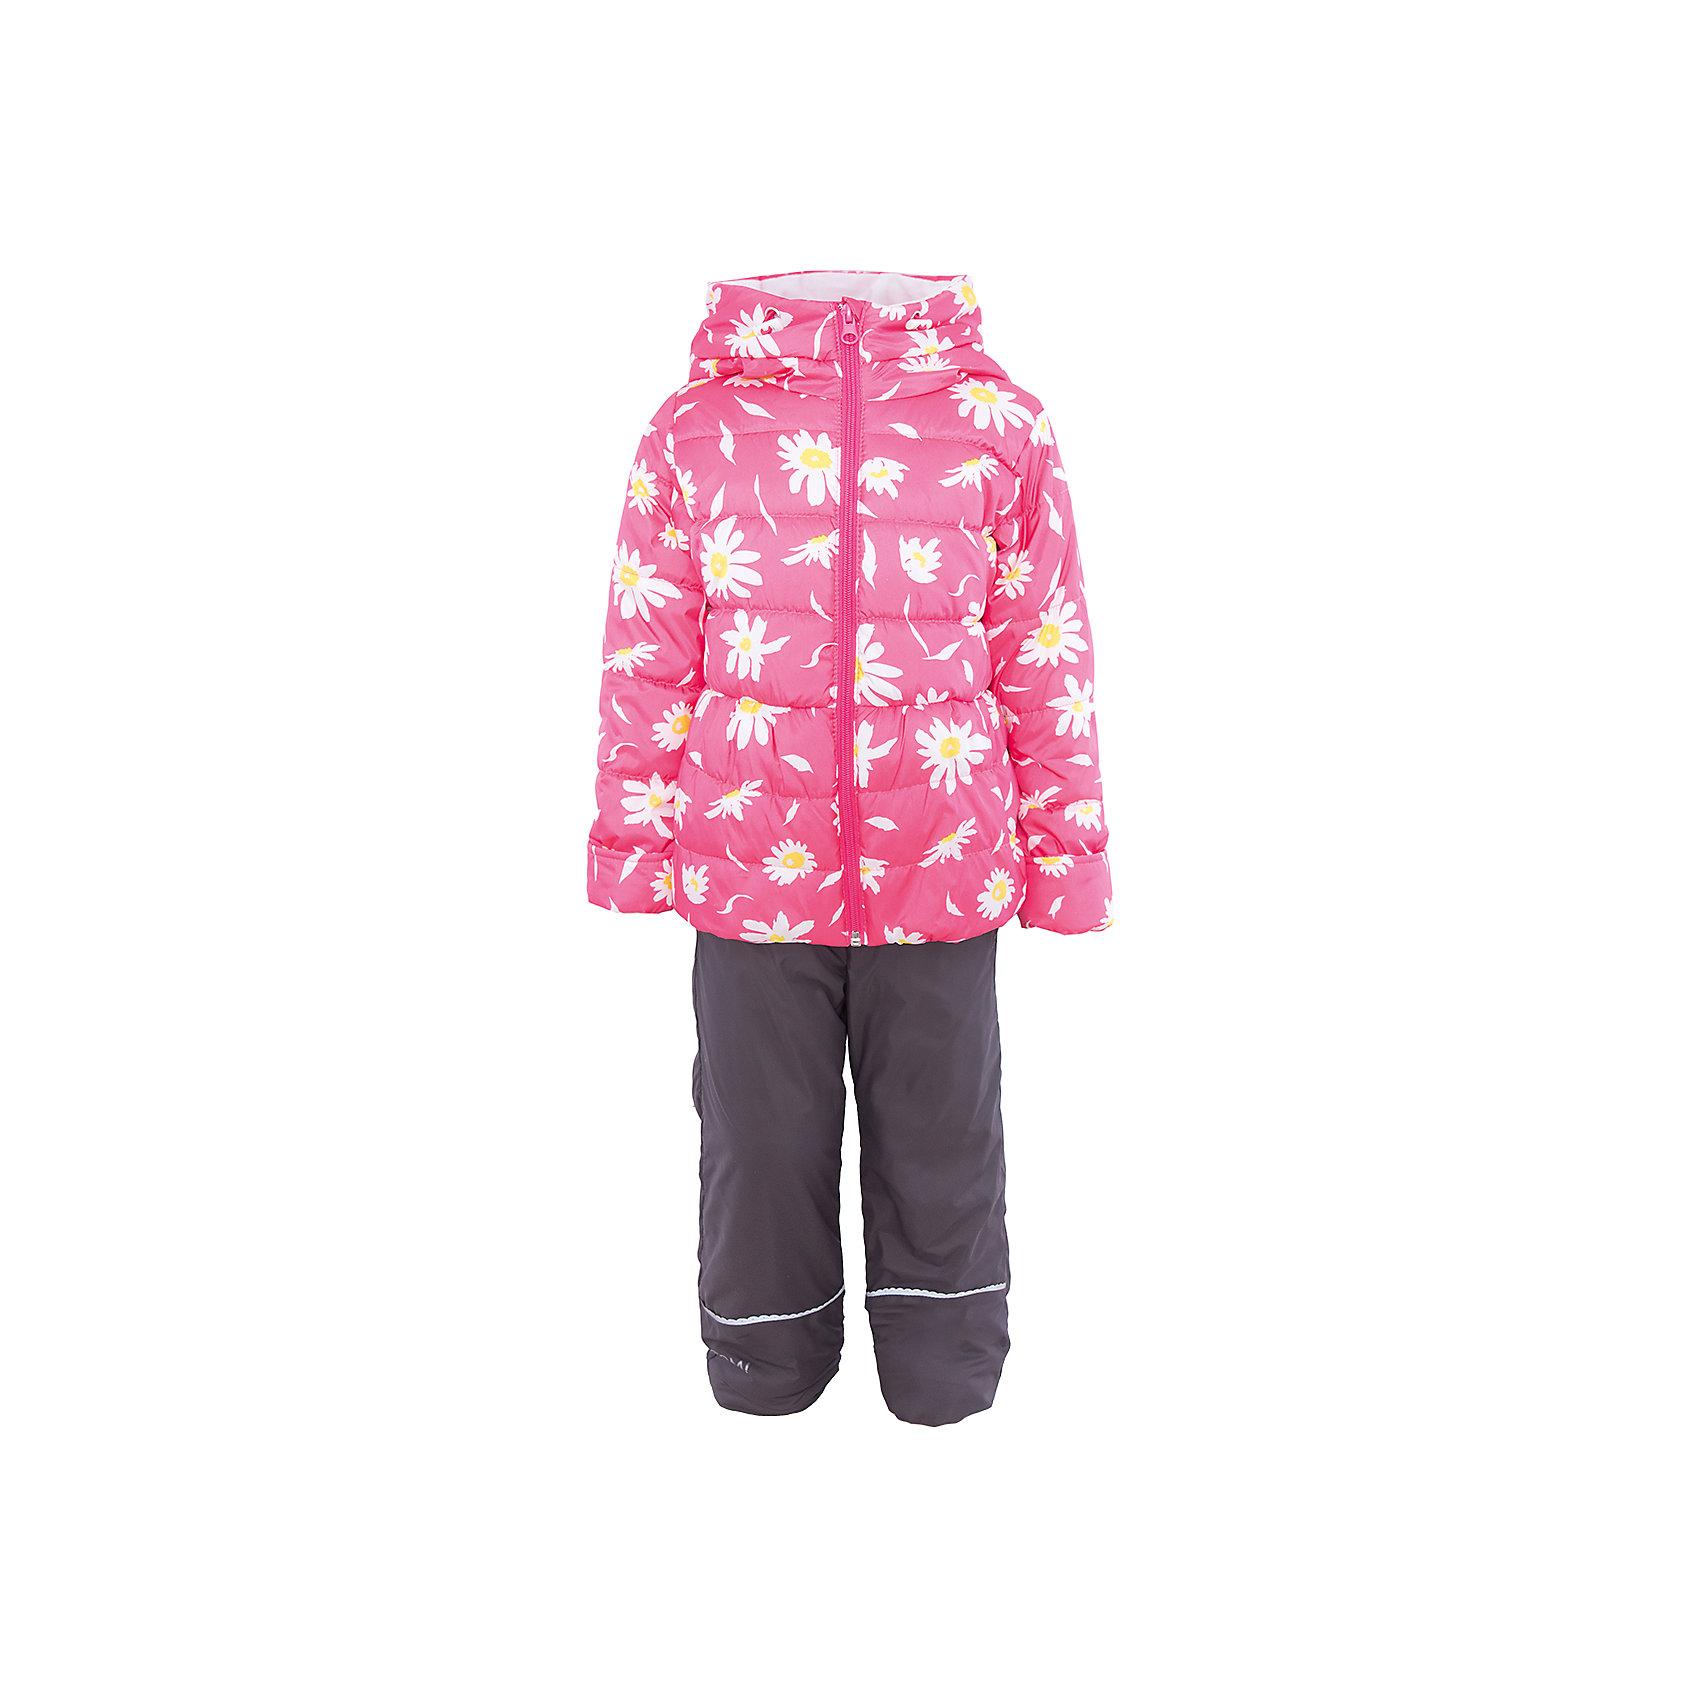 Комплект для девочки BOOM by OrbyВерхняя одежда<br>Характеристики товара:<br><br>• цвет: розовый/серый<br>• состав: <br>курточка: верх - таффета, подкладка - поликоттон, полиэстер, утеплитель: эко-синтепон 150 г/м2<br>брюки: верх - таффета, подкладка - флис<br>• комплектация: куртка, брюки<br>• температурный режим: от -5 С° до +10 С° <br>• из непромокаемой ткани, с водо и грязеотталкивающими пропитками<br>• застежка - молния<br>• благодаря манжетам-отворотам значительно регулируется размер<br>• куртка декорирована принтом<br>• комфортная посадка<br>• страна производства: Российская Федерация<br>• страна бренда: Российская Федерация<br>• коллекция: весна-лето 2017<br><br>Такой комплект - универсальный вариант для межсезонья с постоянно меняющейся погодой. Эта модель - модная и удобная одновременно! Изделие отличается стильным ярким дизайном. Куртка и брюки хорошо сидят по фигуре, отлично сочетается с различной обувью. Модель была разработана специально для детей.<br><br>Одежда от российского бренда BOOM by Orby уже завоевала популярностью у многих детей и их родителей. Вещи, выпускаемые компанией, качественные, продуманные и очень удобные. Для производства коллекций используются только безопасные для детей материалы. Спешите приобрести модели из новой коллекции Весна-лето 2017! <br><br>Комплект для девочки от бренда BOOM by Orby можно купить в нашем интернет-магазине.<br><br>Ширина мм: 356<br>Глубина мм: 10<br>Высота мм: 245<br>Вес г: 519<br>Цвет: розовый<br>Возраст от месяцев: 36<br>Возраст до месяцев: 48<br>Пол: Женский<br>Возраст: Детский<br>Размер: 122,86,92,98,110,116,104<br>SKU: 5343646